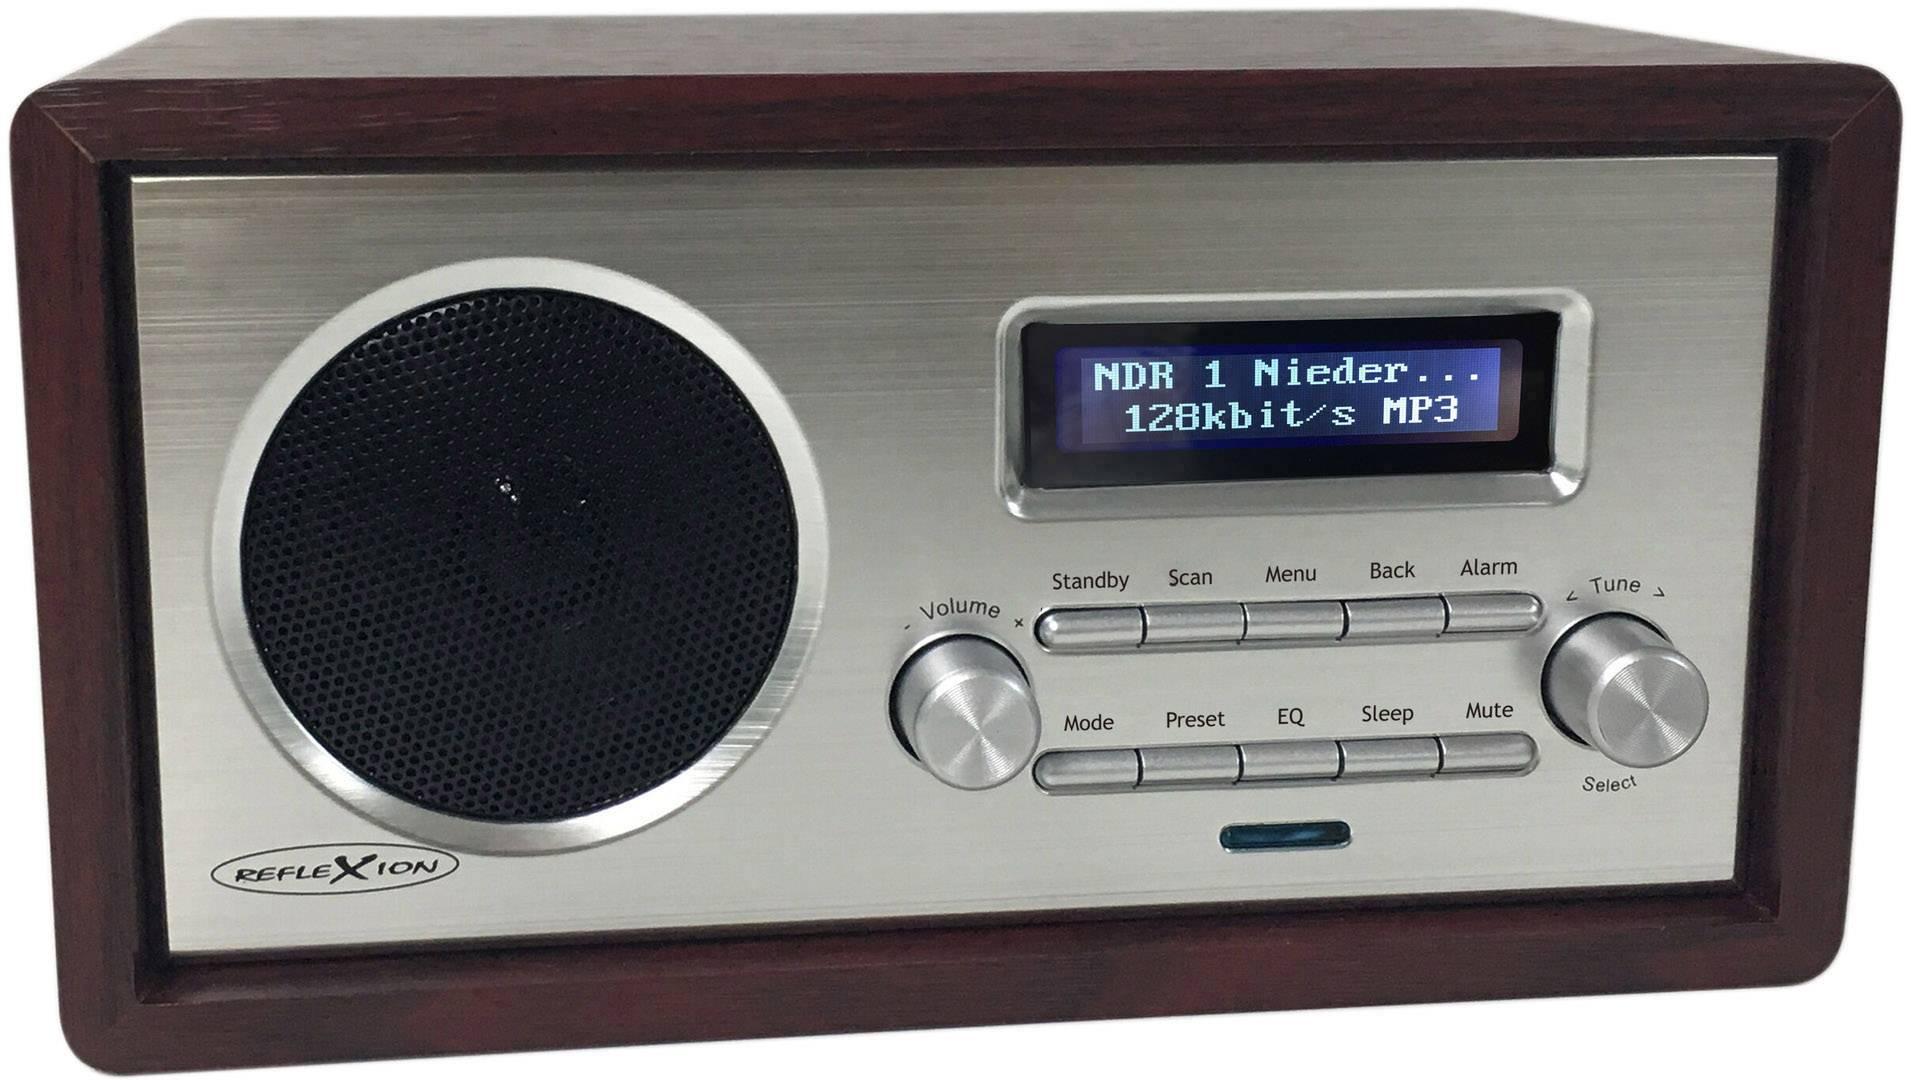 Reflexion HRA1260i Internet Radio d